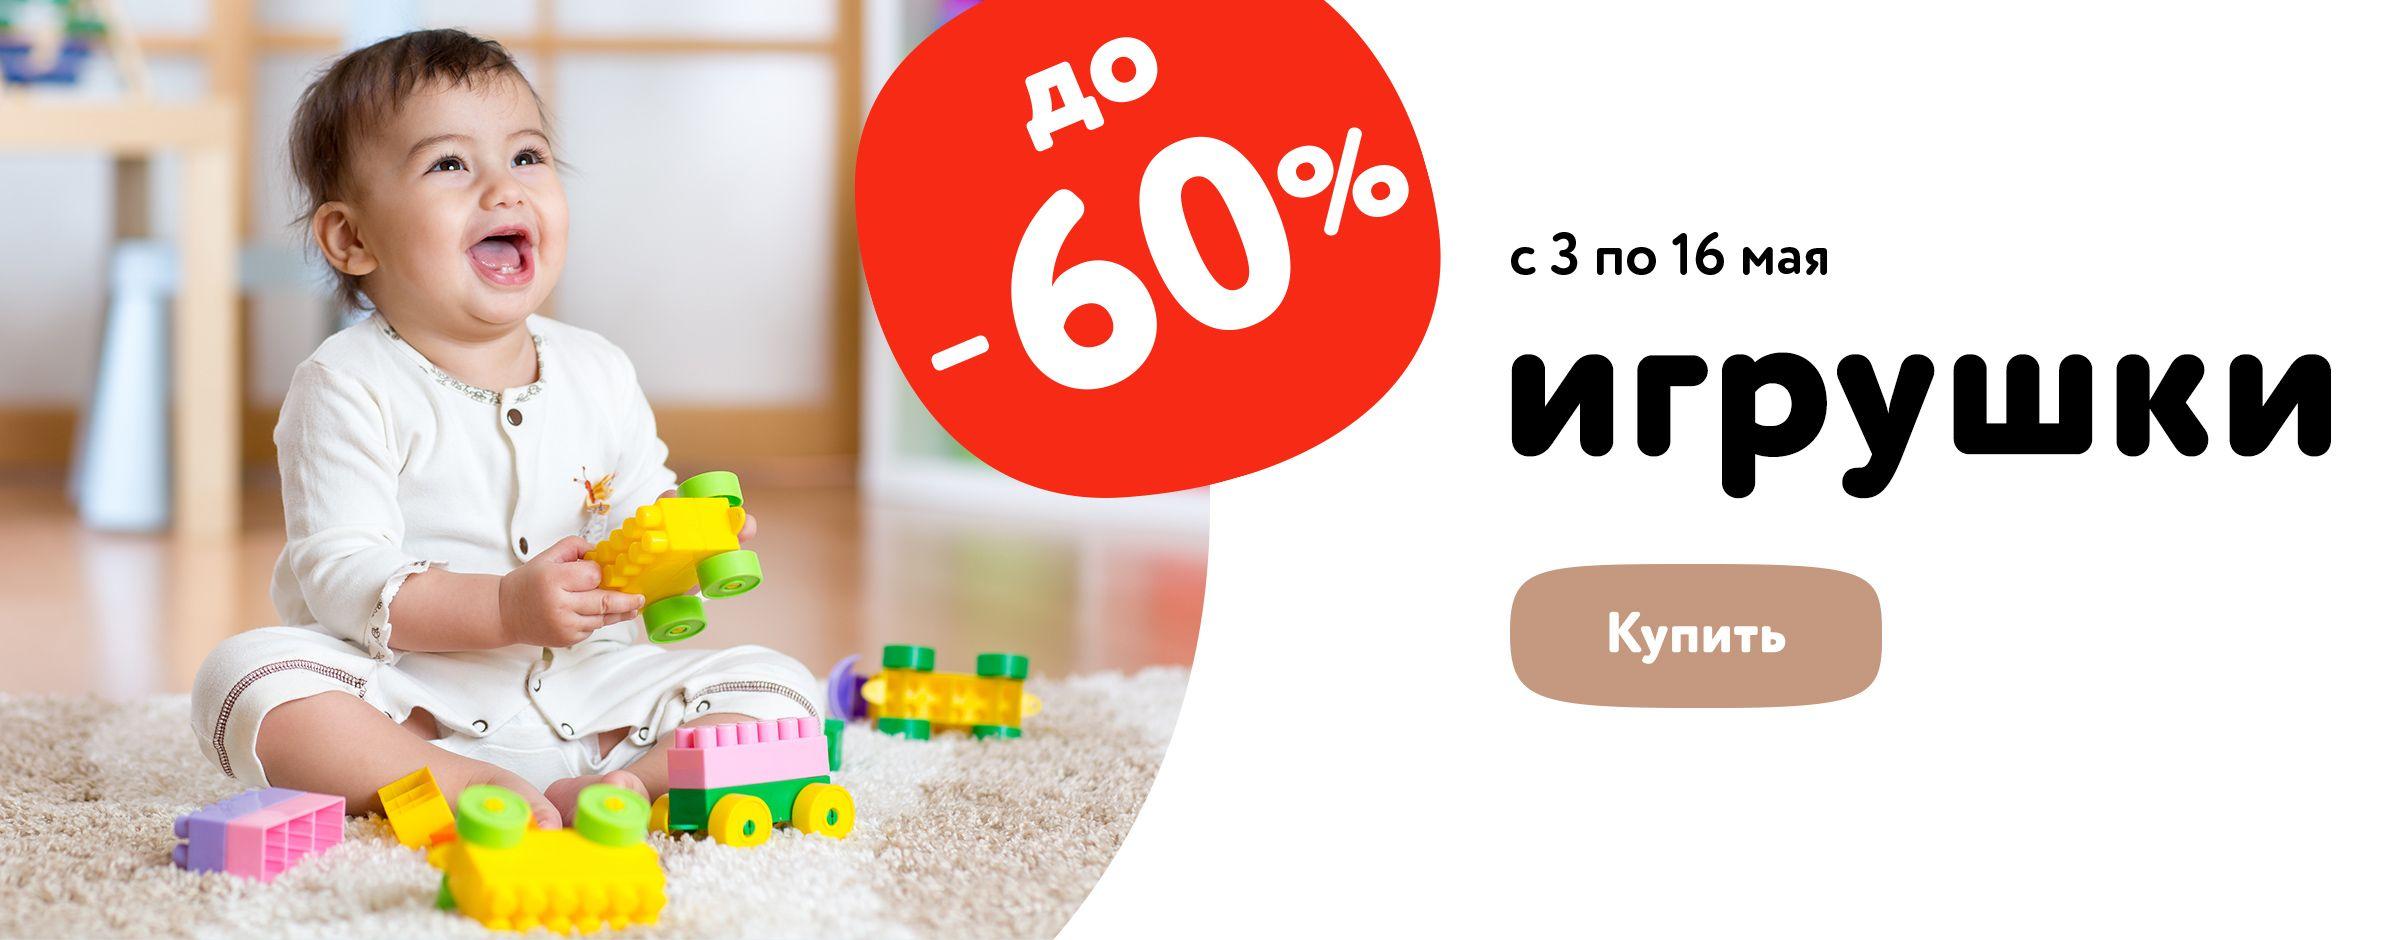 Скидки до 60% на игрушки